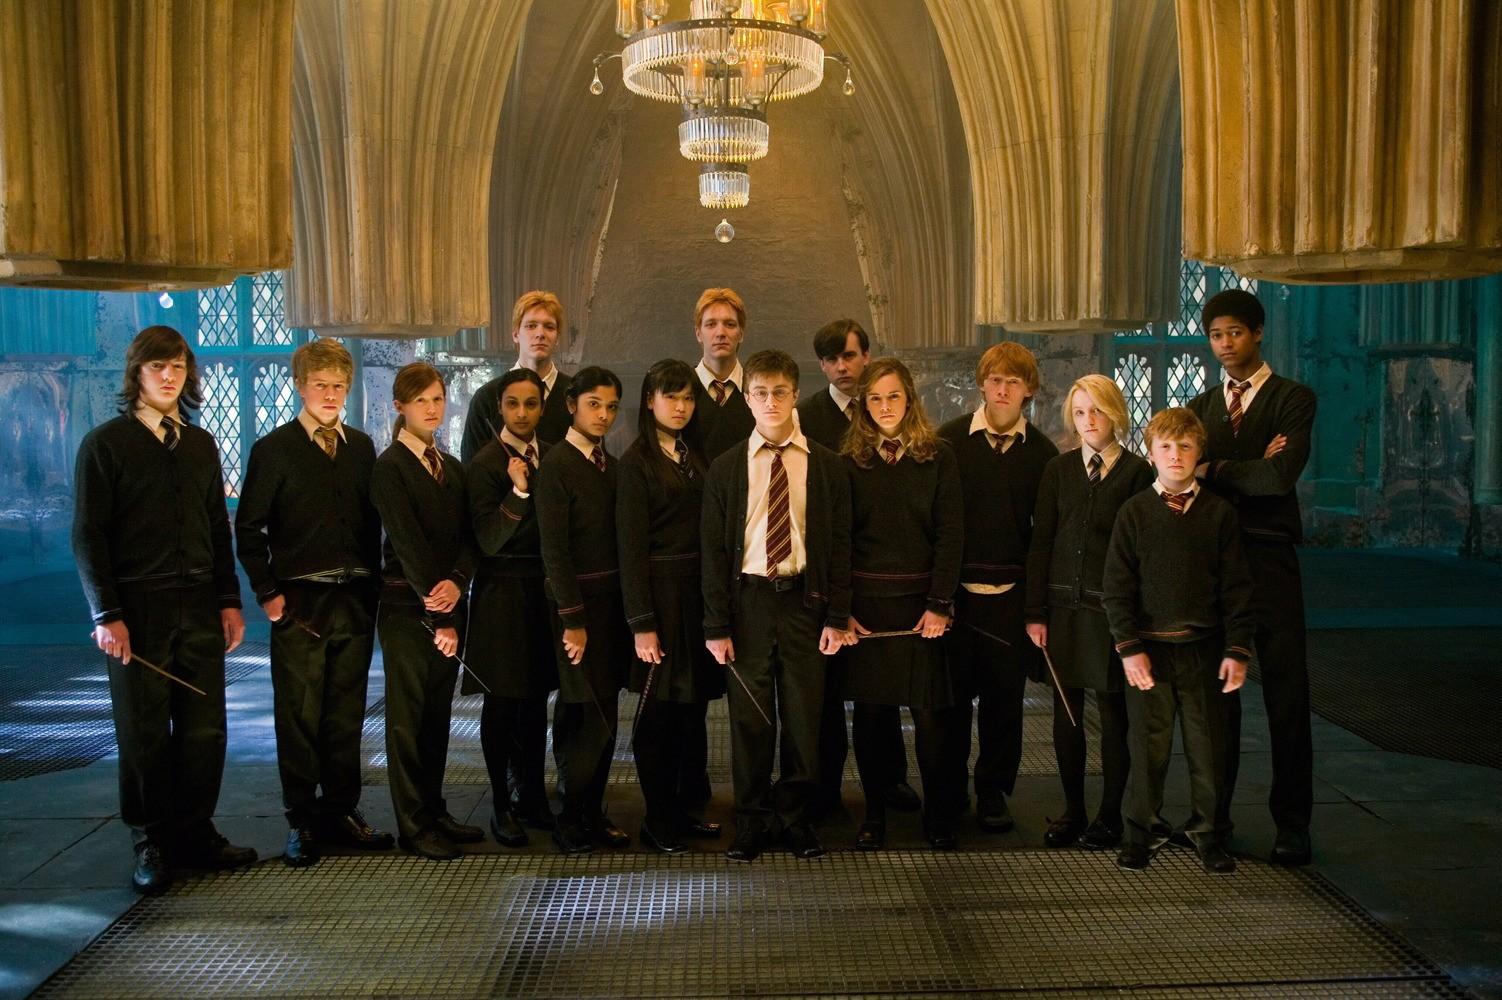 Quel personnage de 'Harry Potter' seriez-vous ?